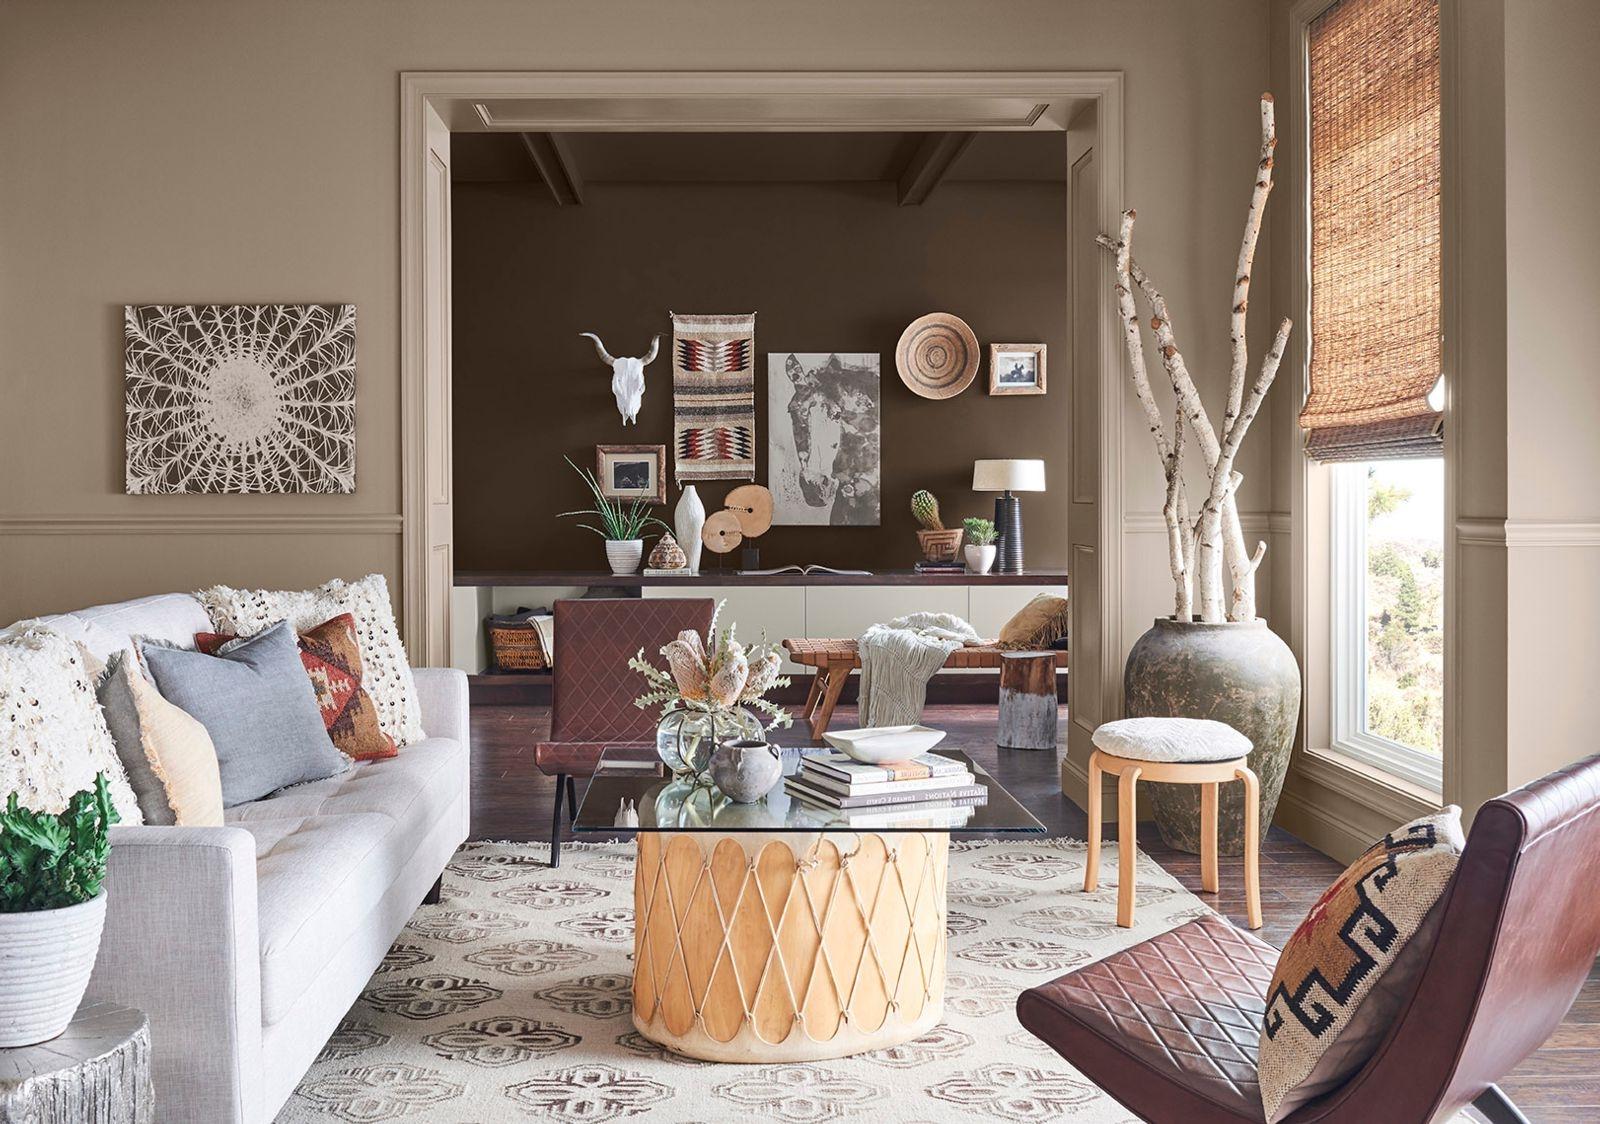 Vous obtiendrez un effet intéressant en utilisant des teintes similaires mais non identiques pour vos murs.